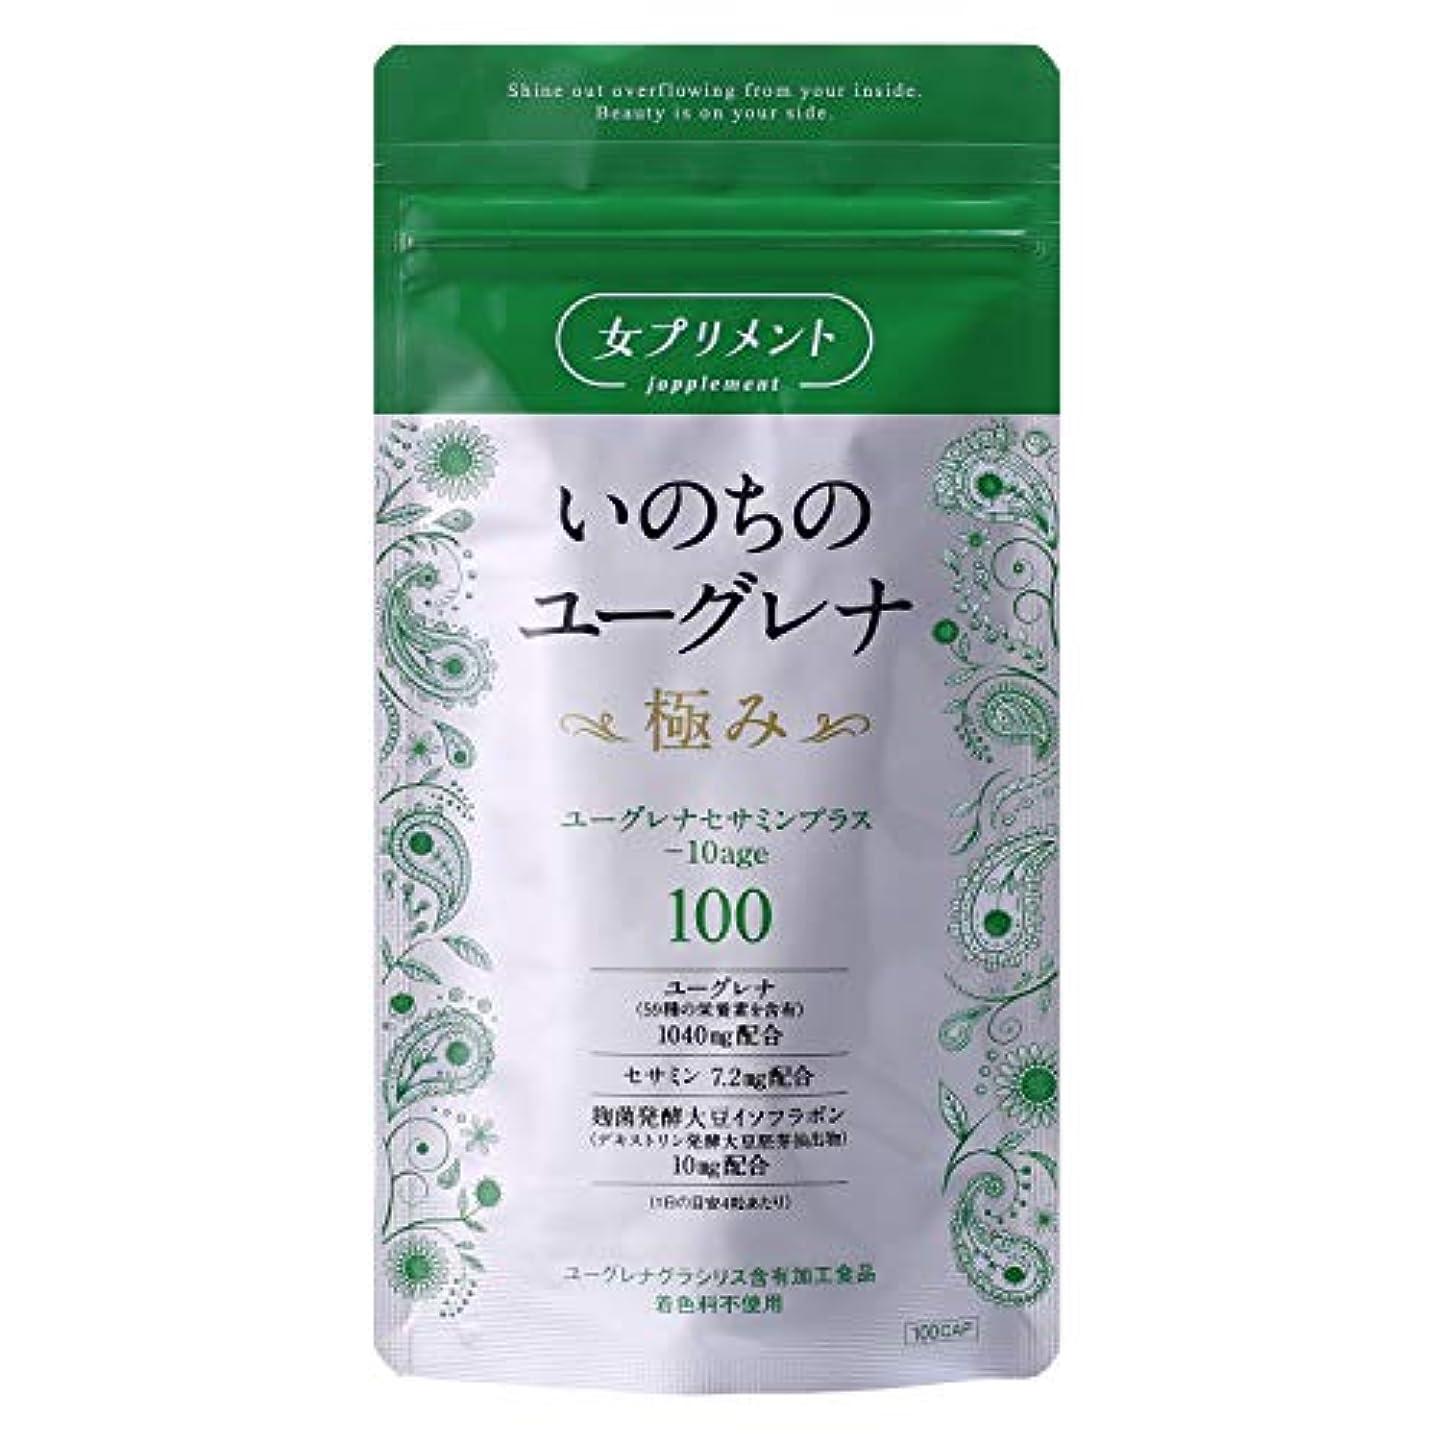 瞳進化する中級ユーグレナ 女性向け いのちのユーグレナ 極み (高含有 ミドリムシ サプリメント) 日本製 無添加 [セサミン?大豆イソフラボンも配合] 約30日分100粒入り